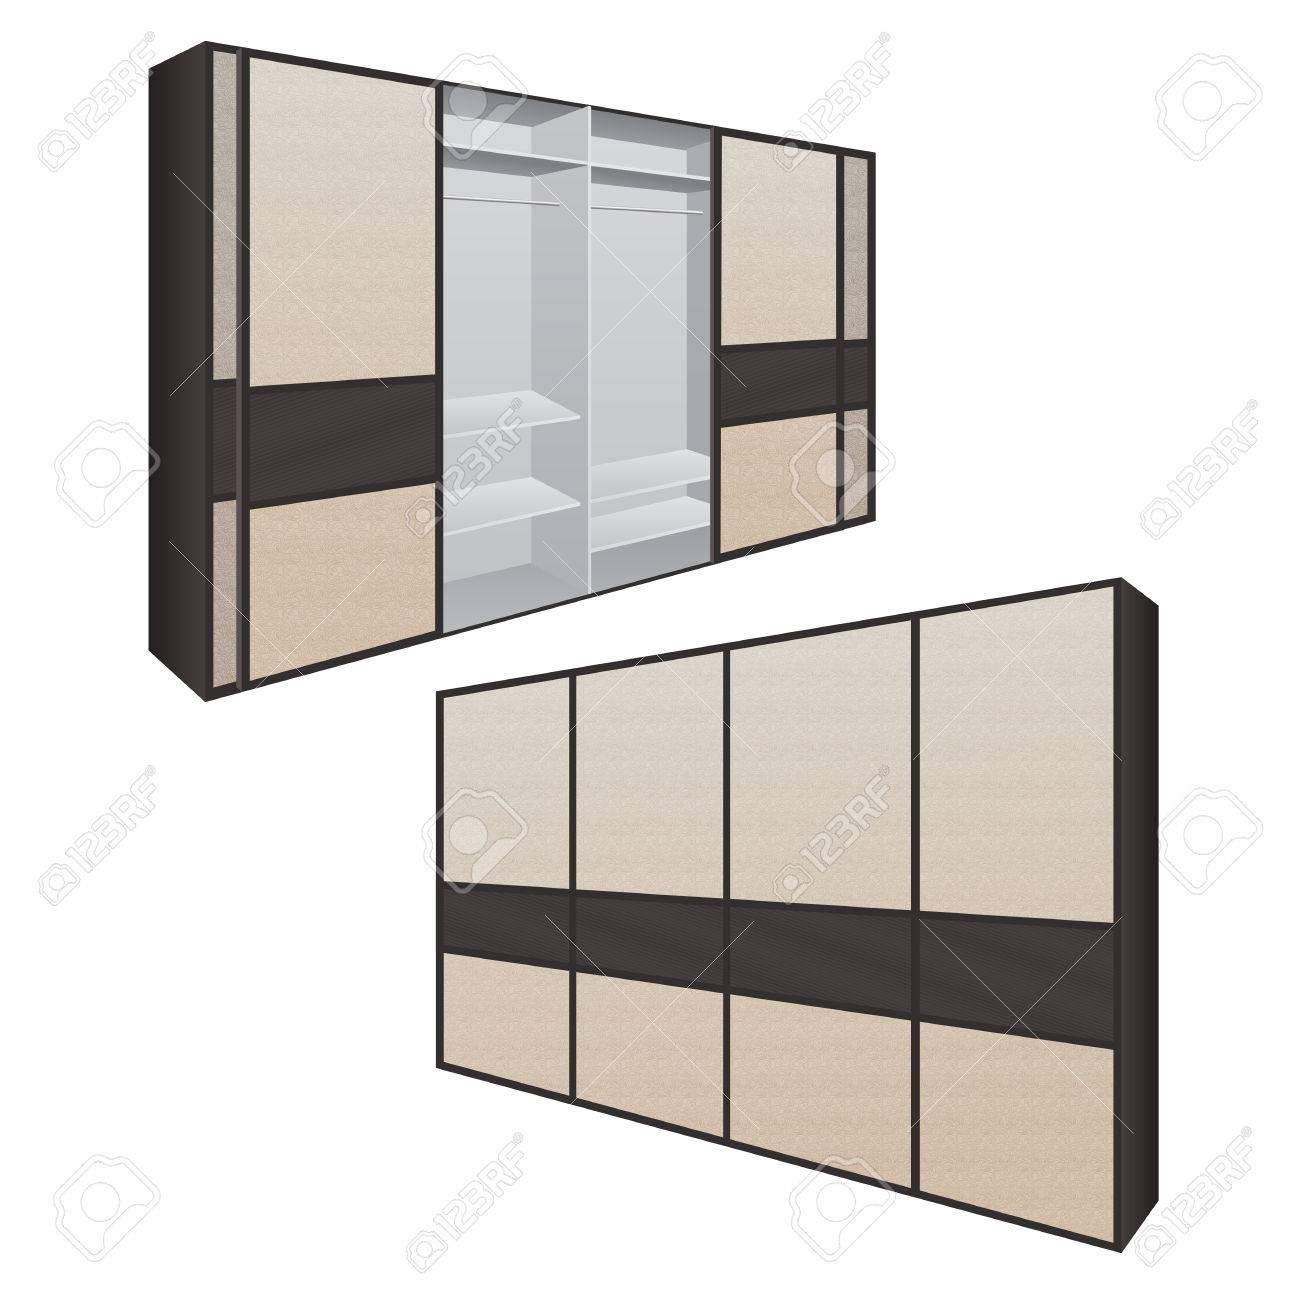 Armoire A Portes Coulissantes Pour Chambre Ou Dressing Concept D Armoire A Portes Coulissantes Avec Portes Fermees Et Ouvertes